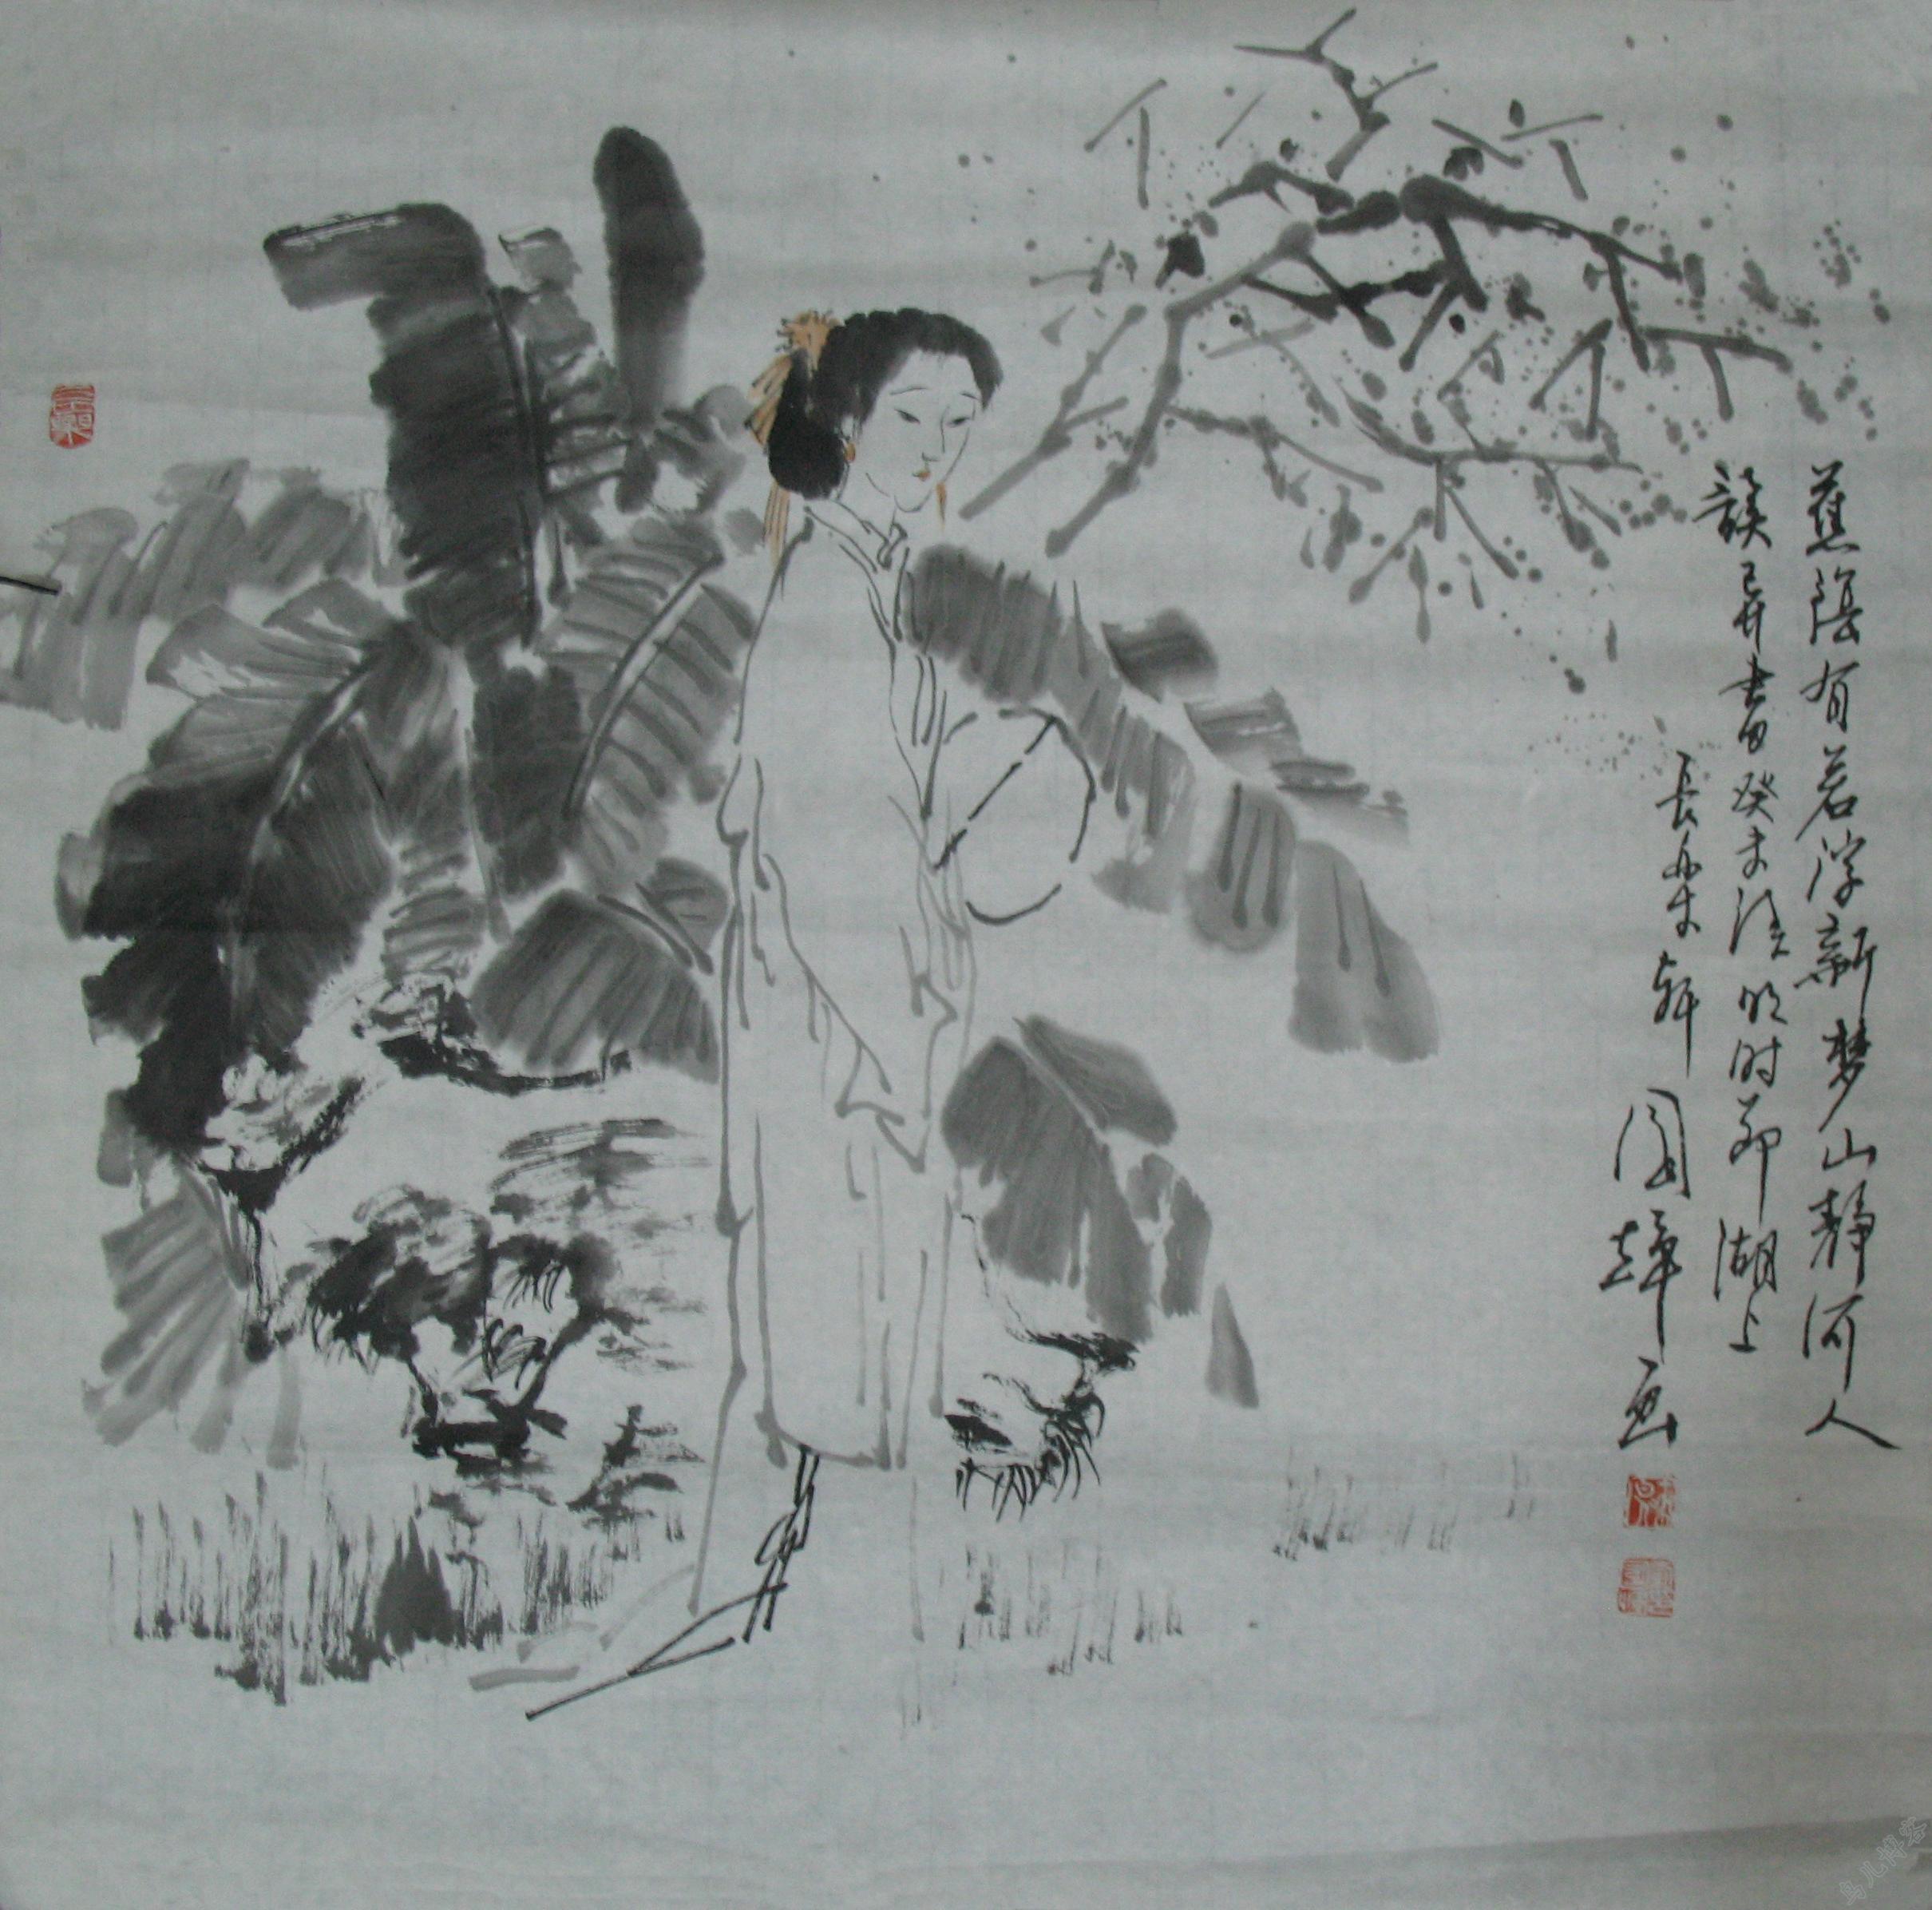 刘国辉仕女图蕉阴有若浮新梦